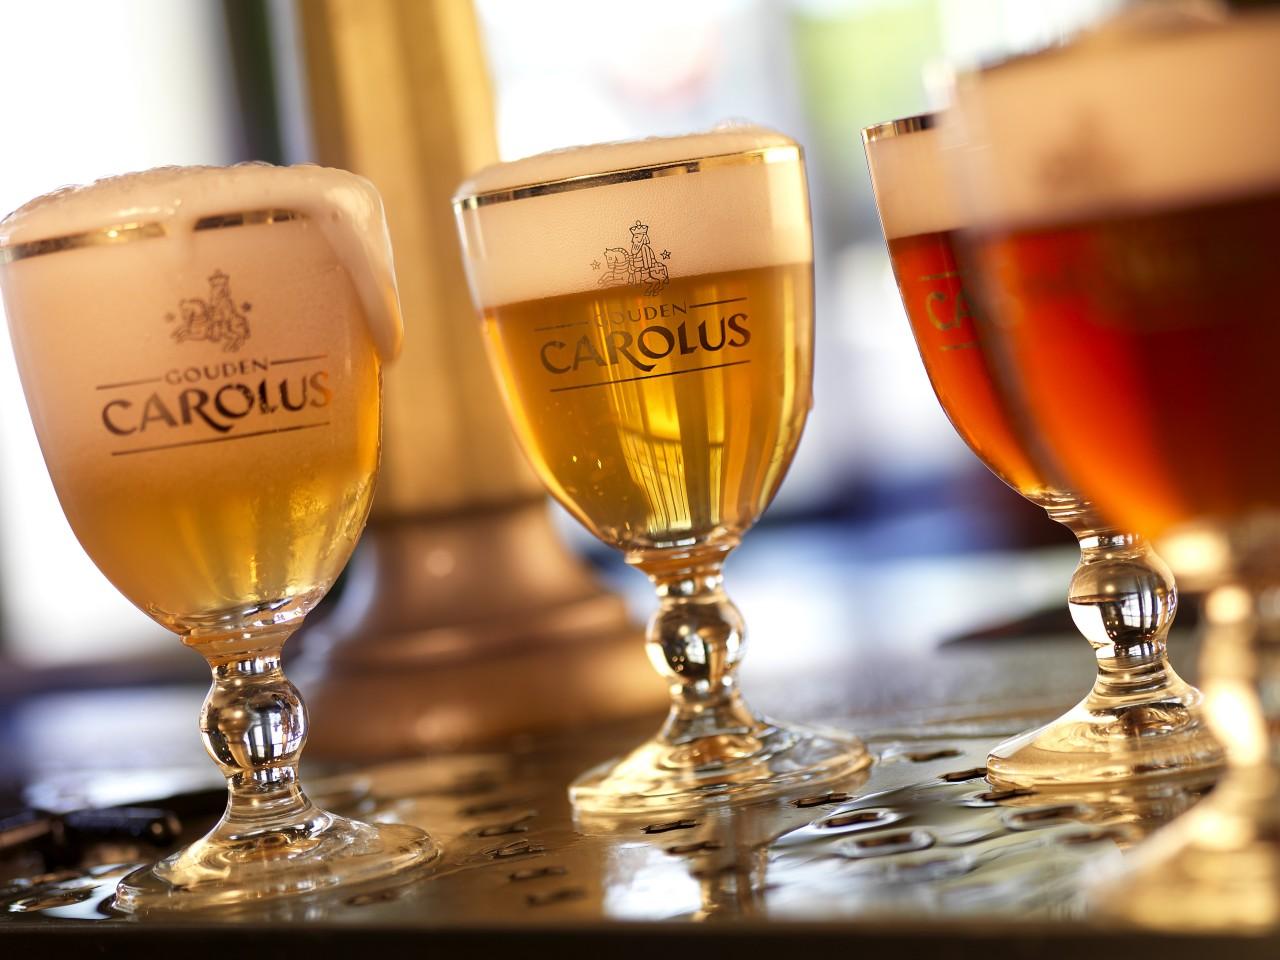 Meer advertenties voor bier dan cola - Brancherapport voedings- en genotmiddelen